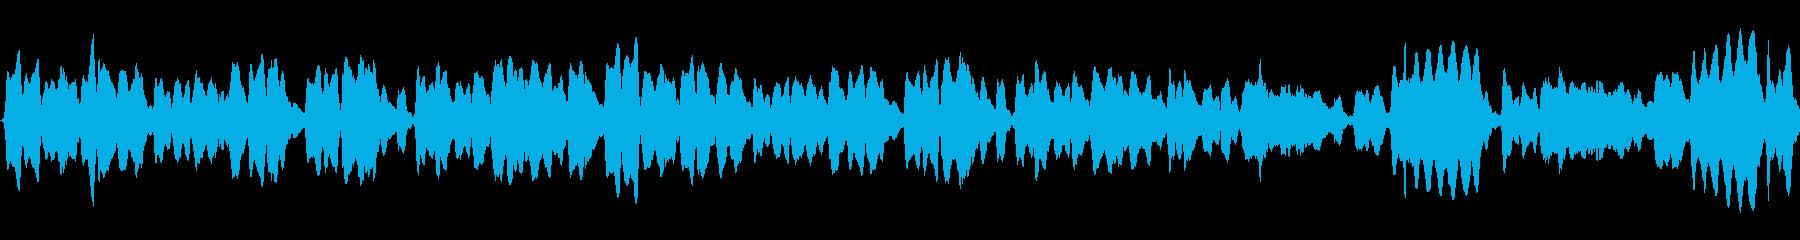 【32秒ループ】穏やかなフルート三重奏の再生済みの波形